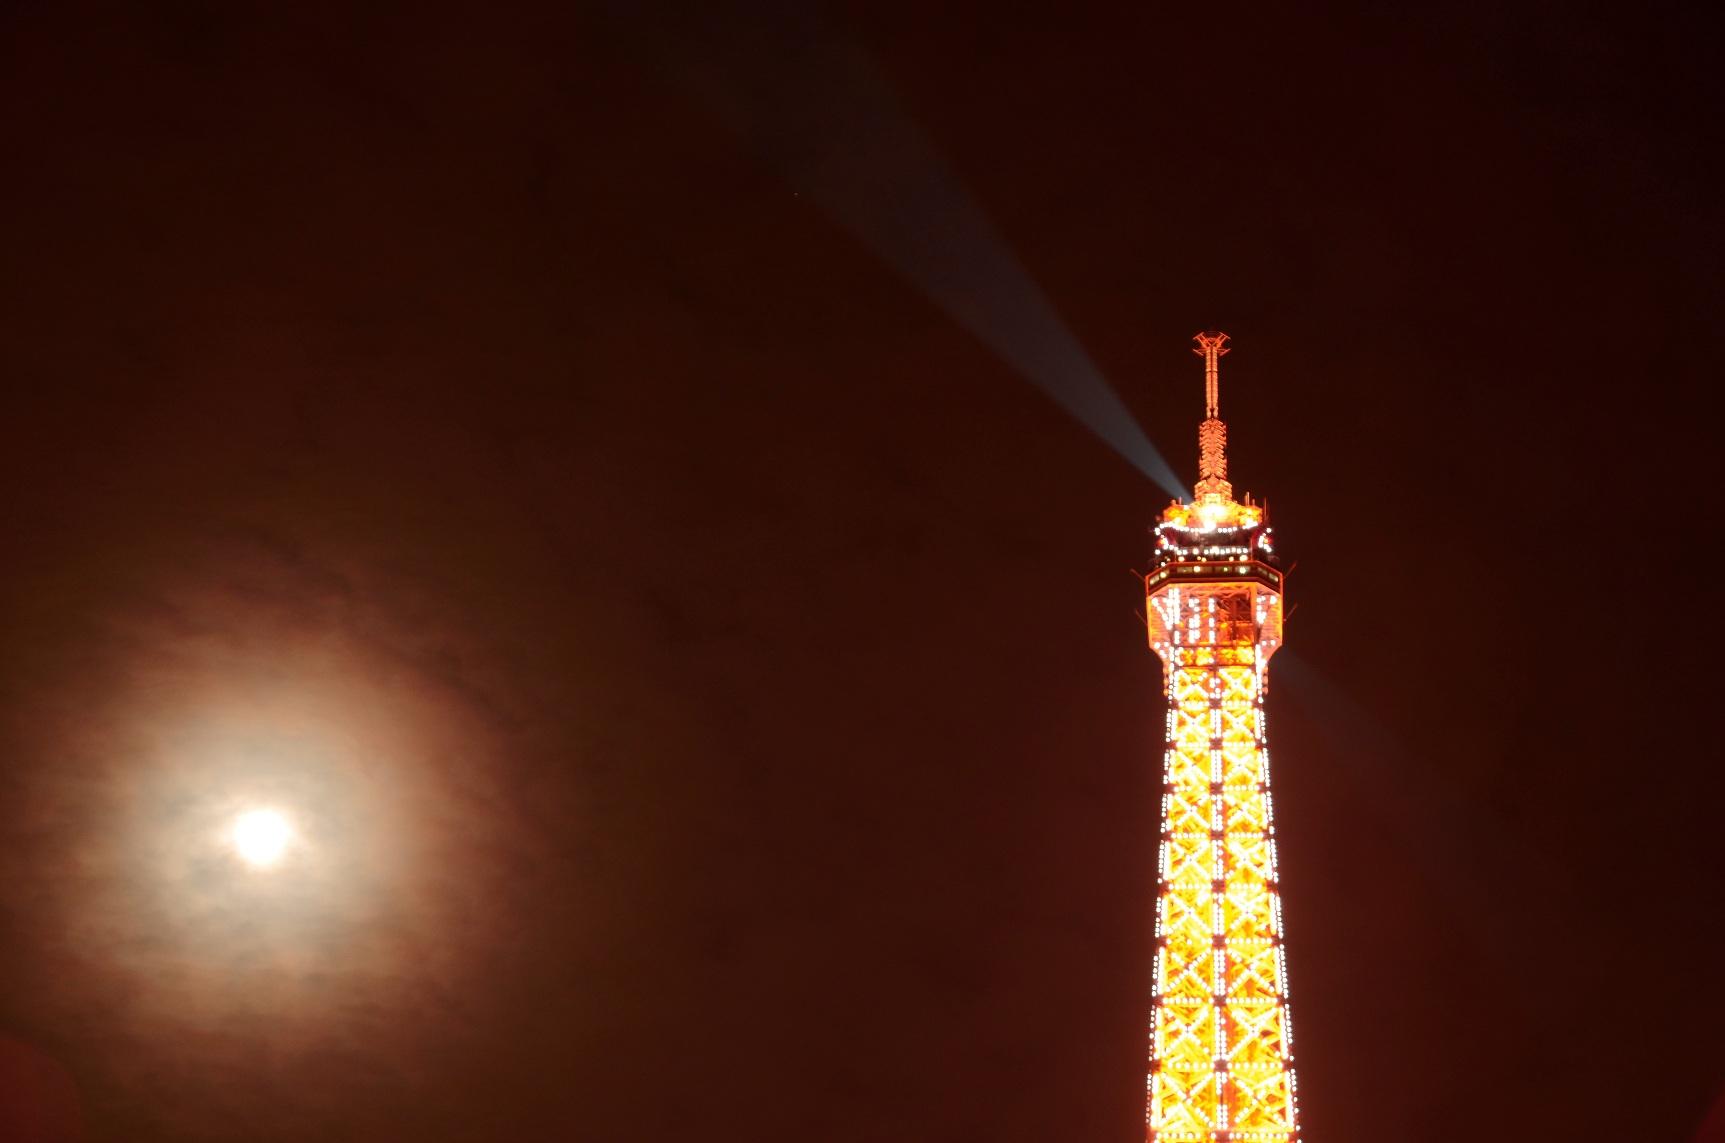 蓝桥摄影作品:珍珠塔